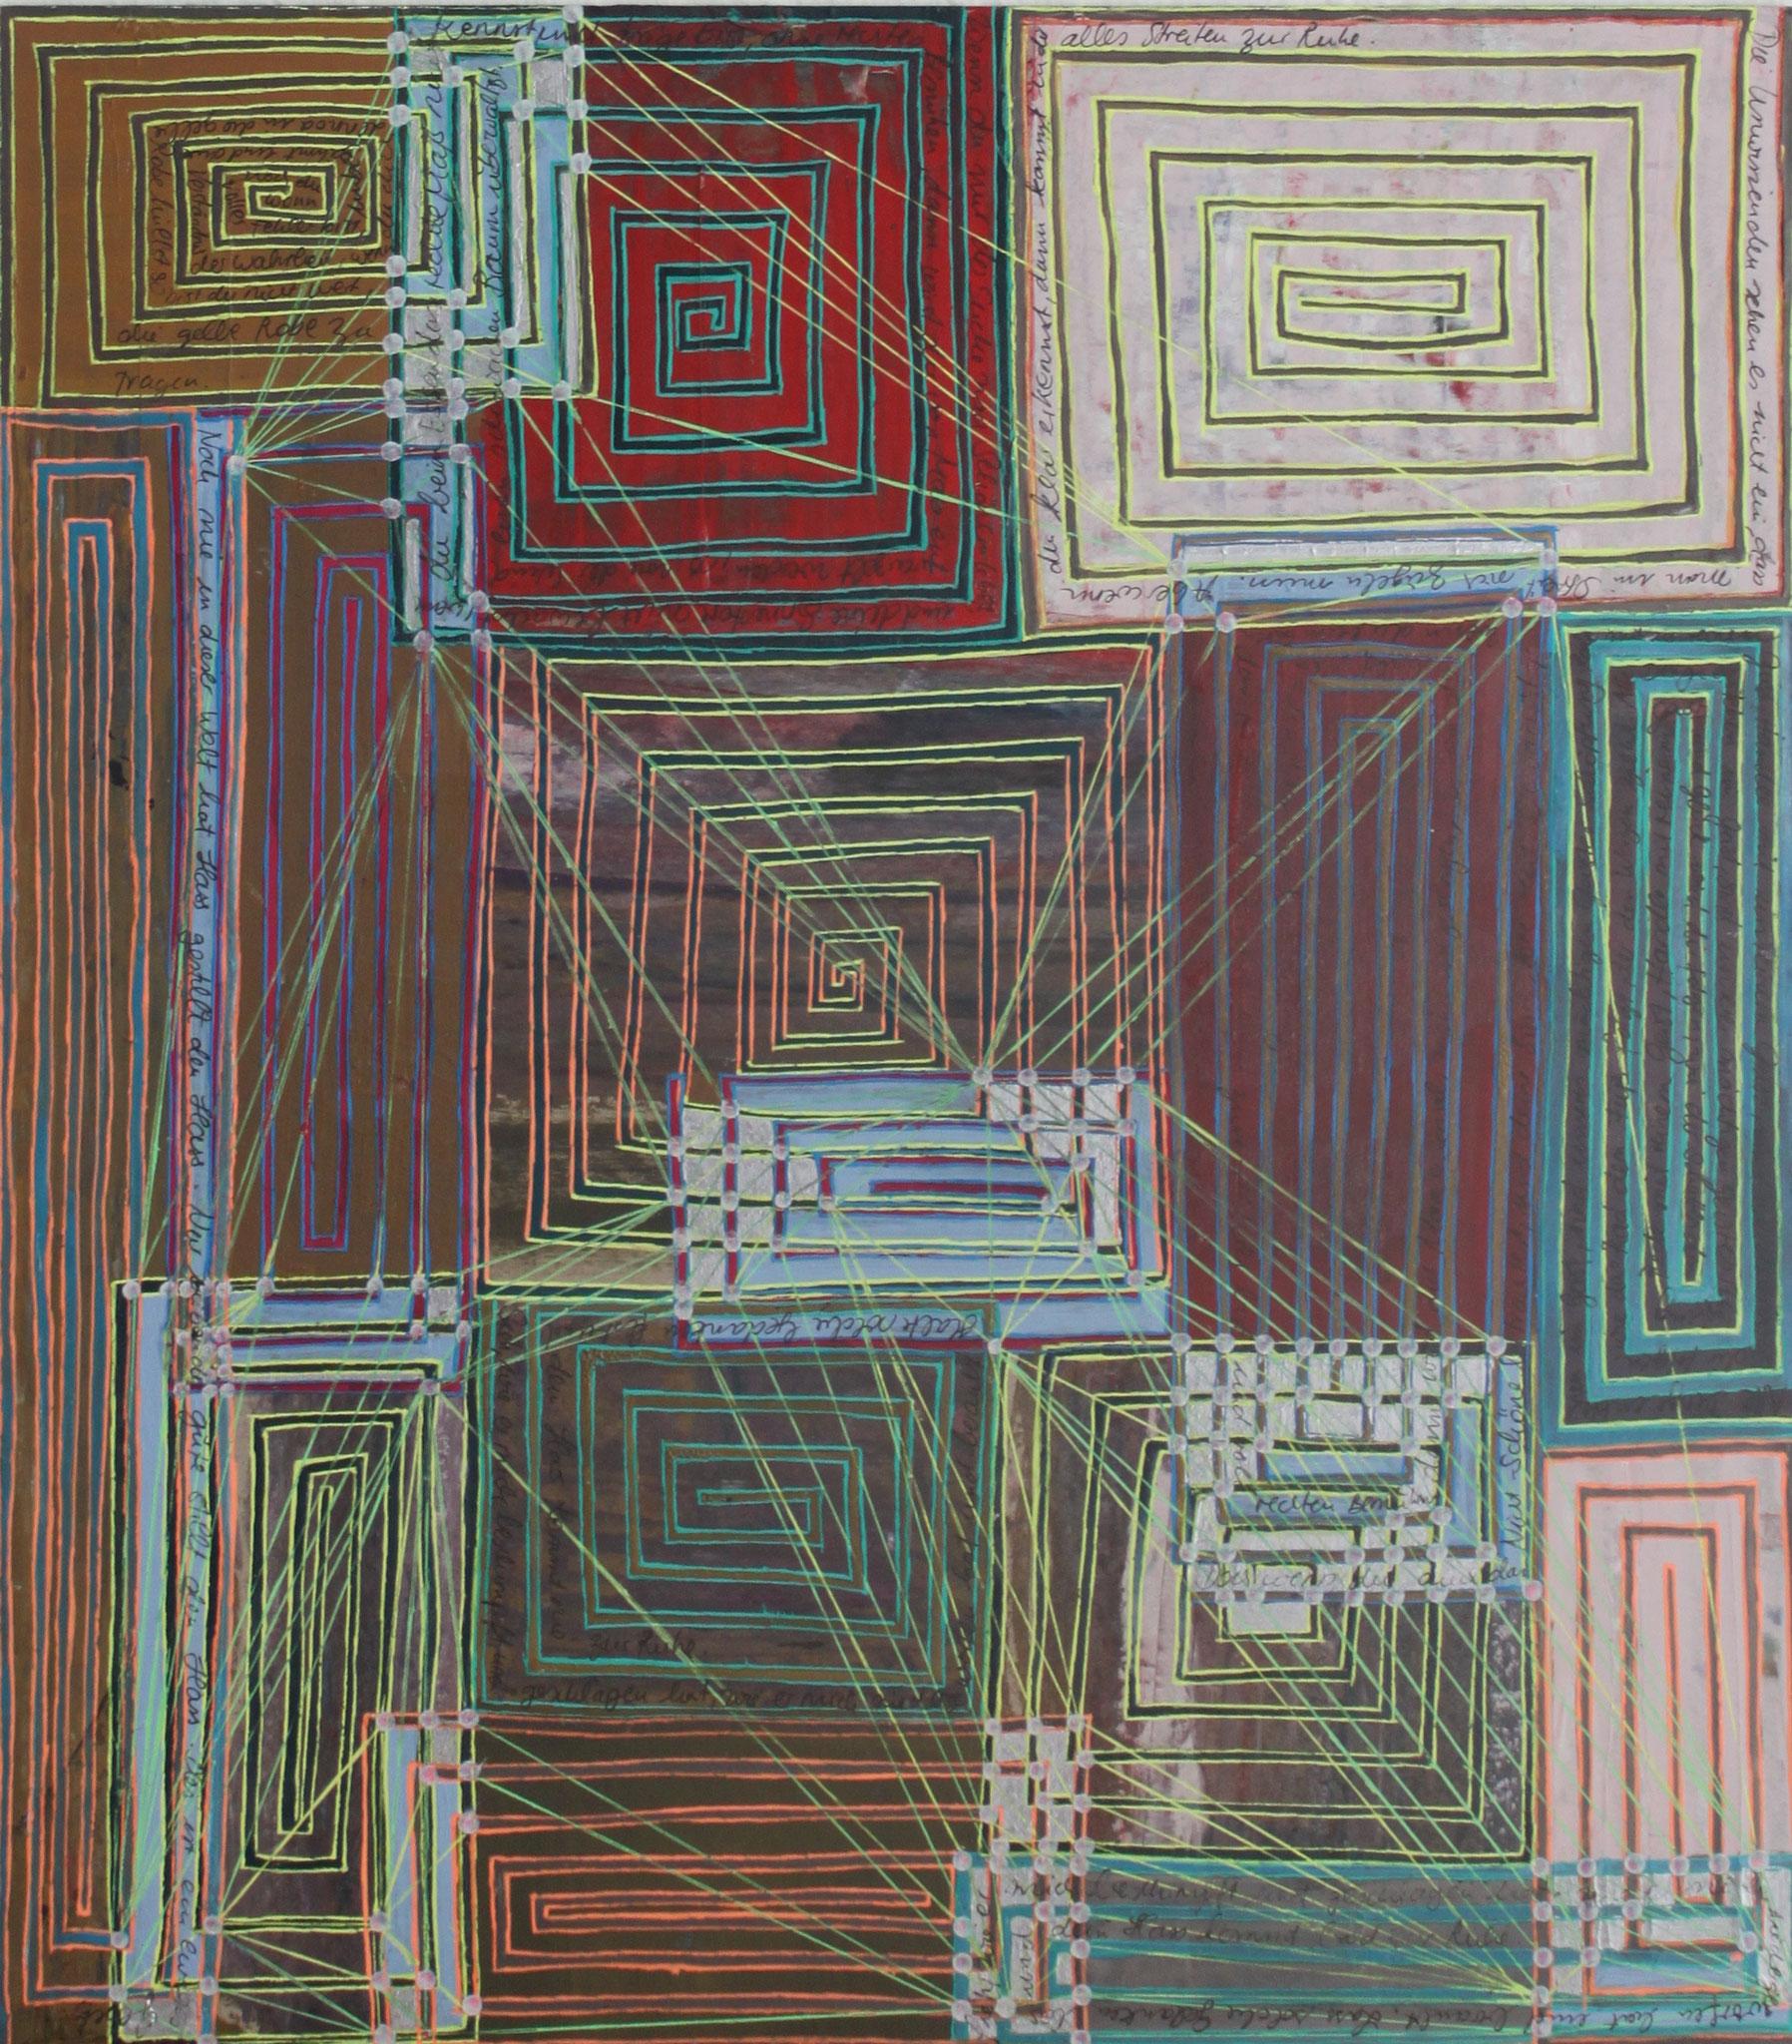 Sakura 1 - Die Wahl; Mischtechnik auf Karton; 42 cm x 37 cm; 2018